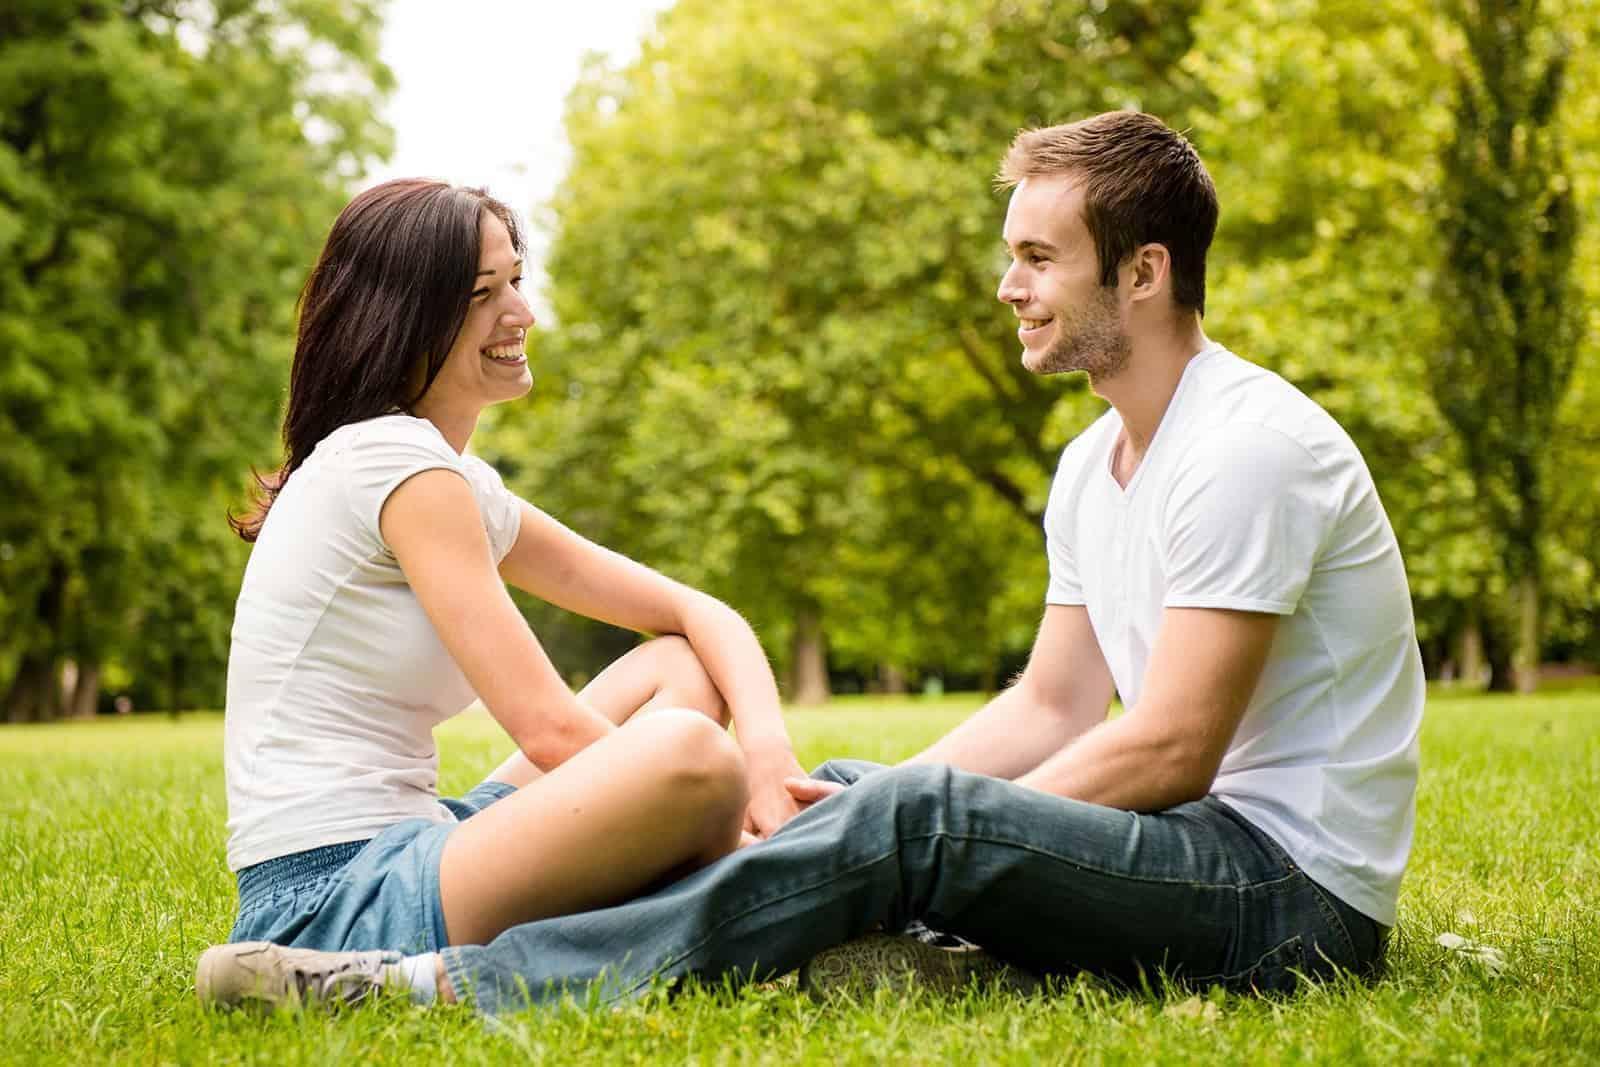 Ein lächelnder Mann und eine lächelnde Frau sitzen sich im Gras gegenüber